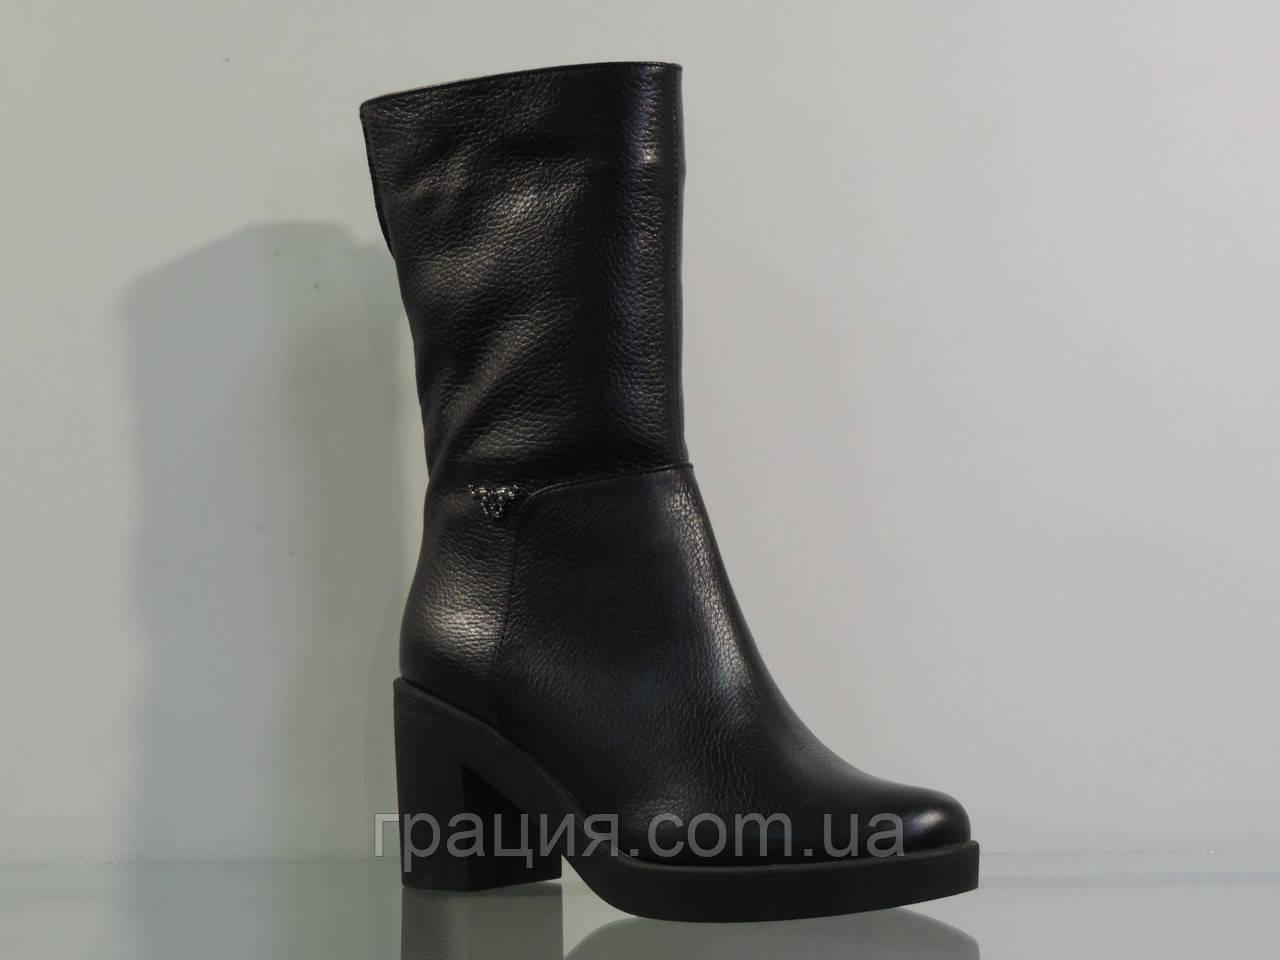 Зимние кожаные ботинки на не большем каблуке